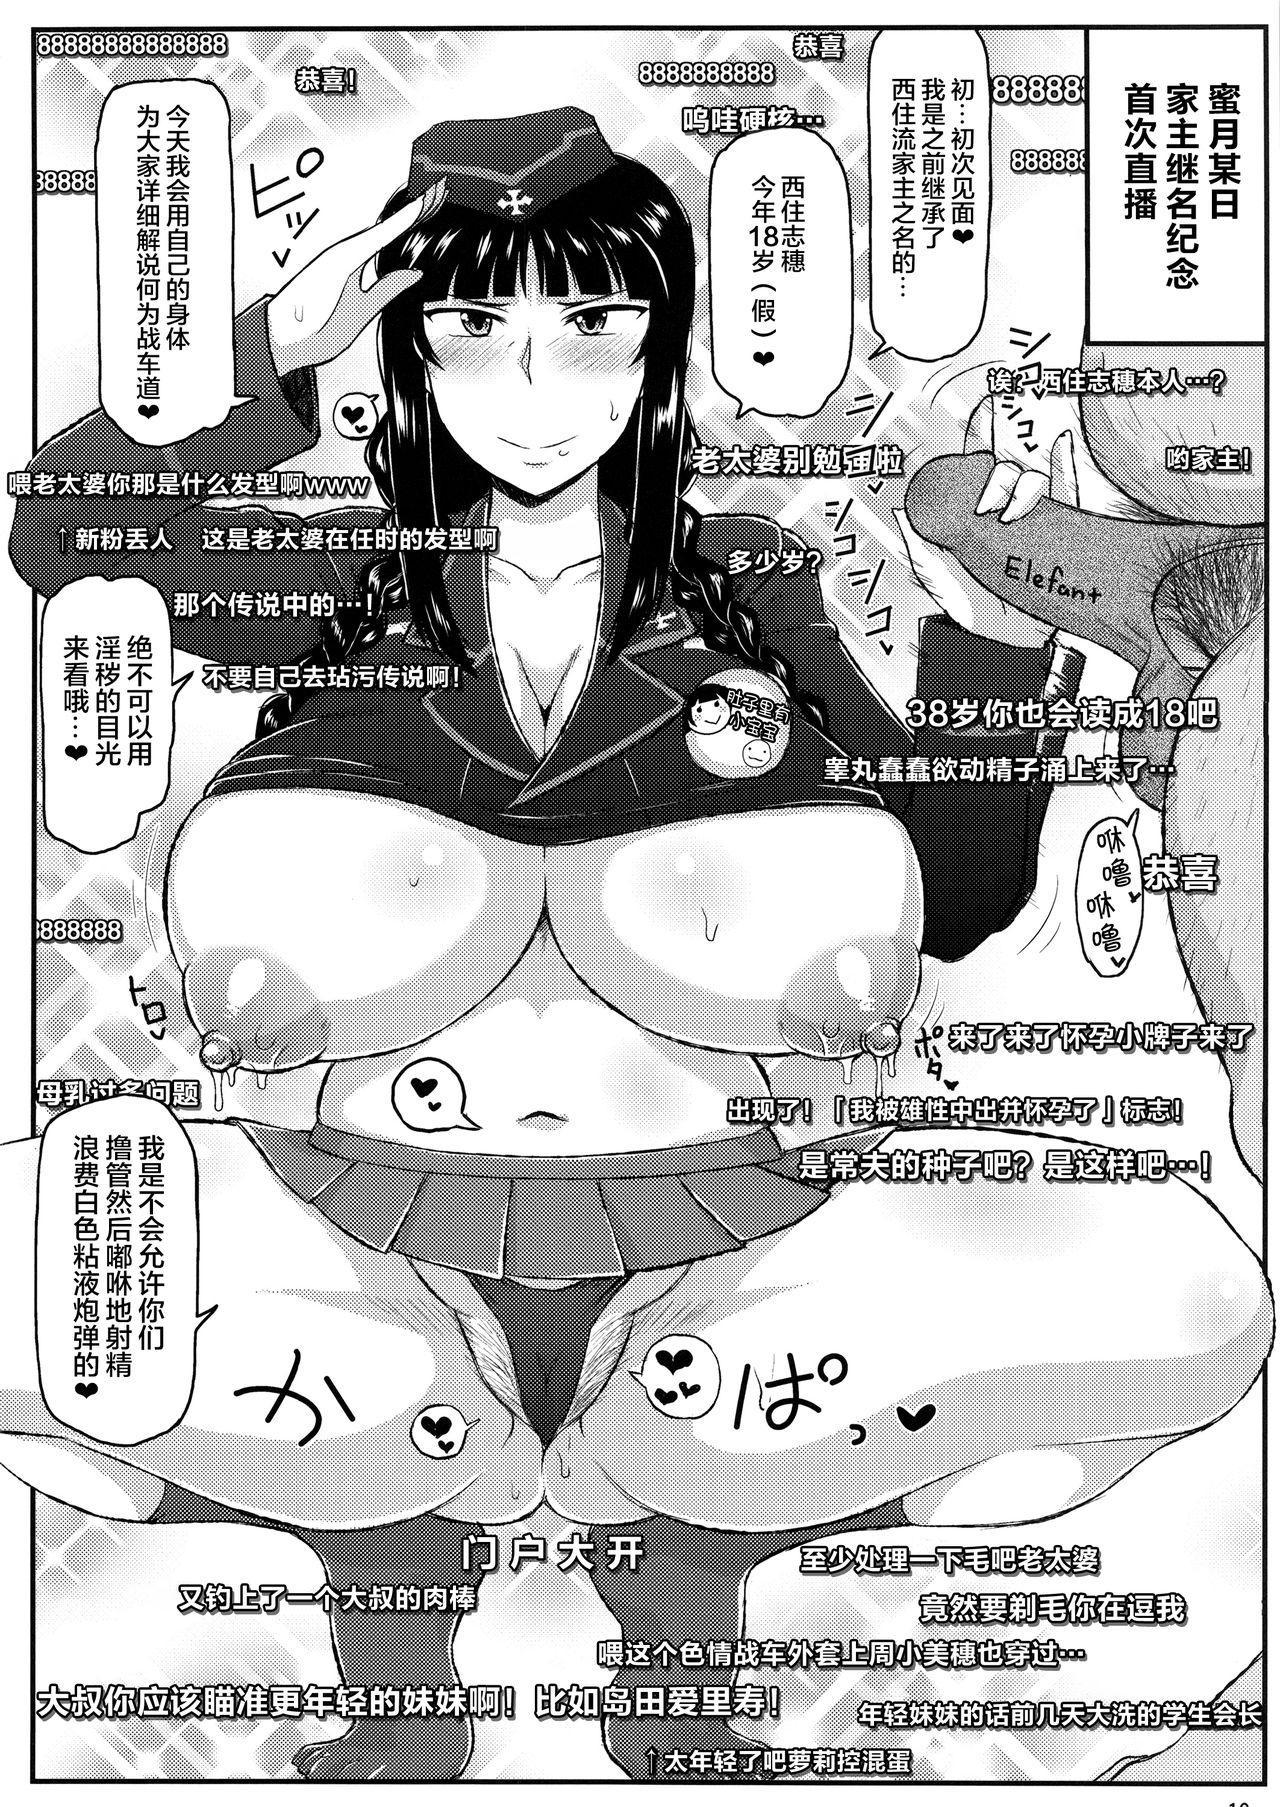 Girl?s & Semen III Nishizumi Shiho no Moteamashita Ureure Body o Chuunen Chinpo de Soutou Sakusen! Iemoto Ransou ni Idenshi Seichuu Butai Shinkou Kaishi 15